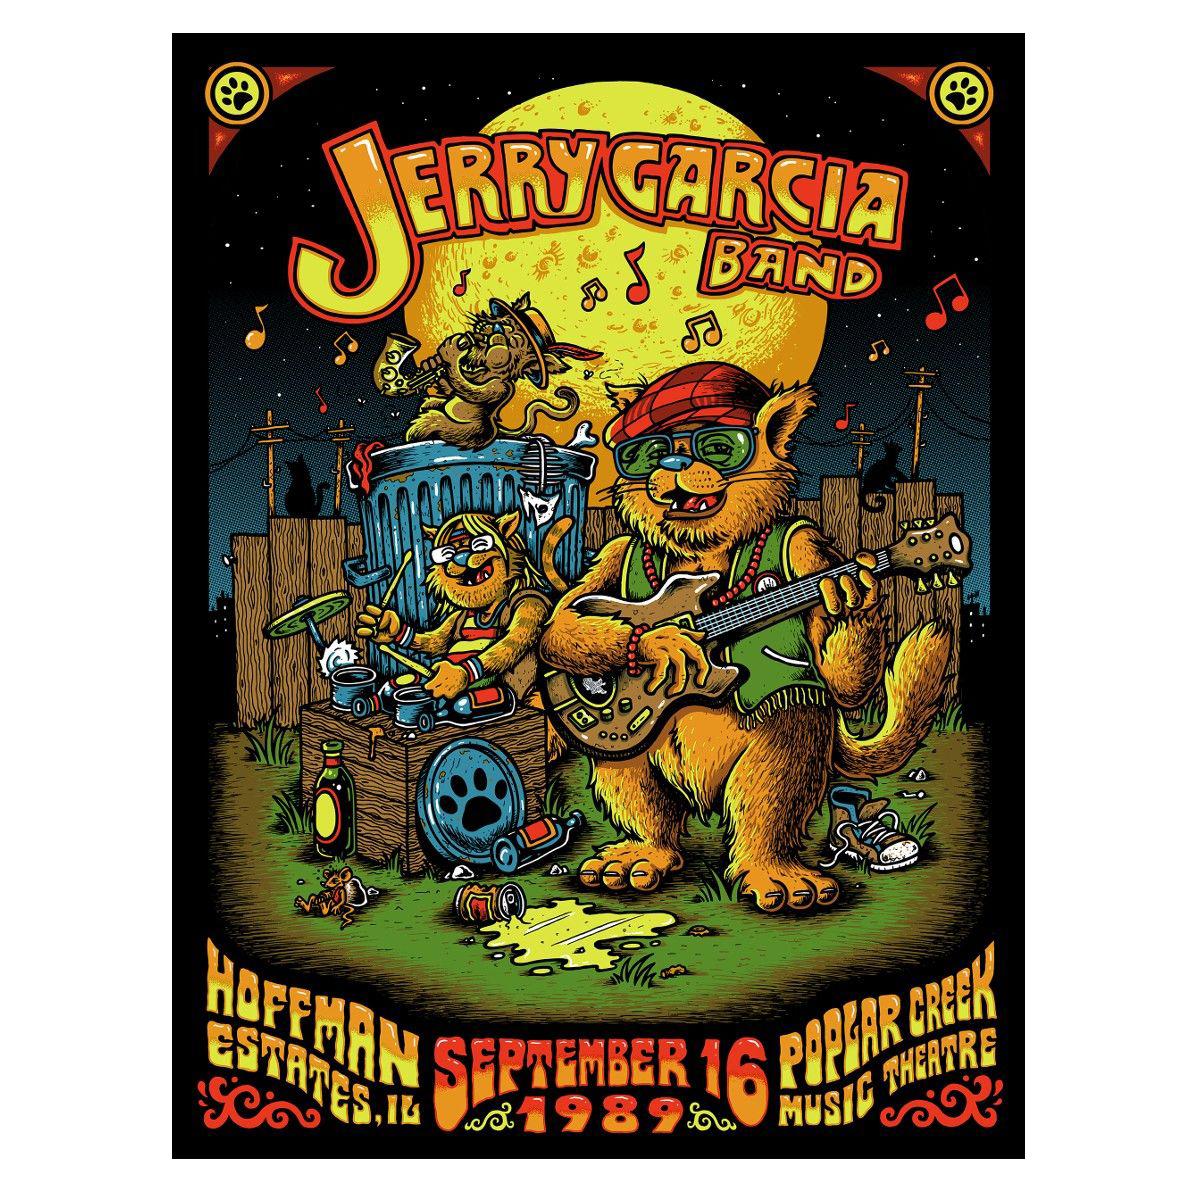 Jerry Garcia Band – GarciaLive Volume 13: 09/16/89 CD or Digital Download, Poster, & Organic T-Shirt Bundle